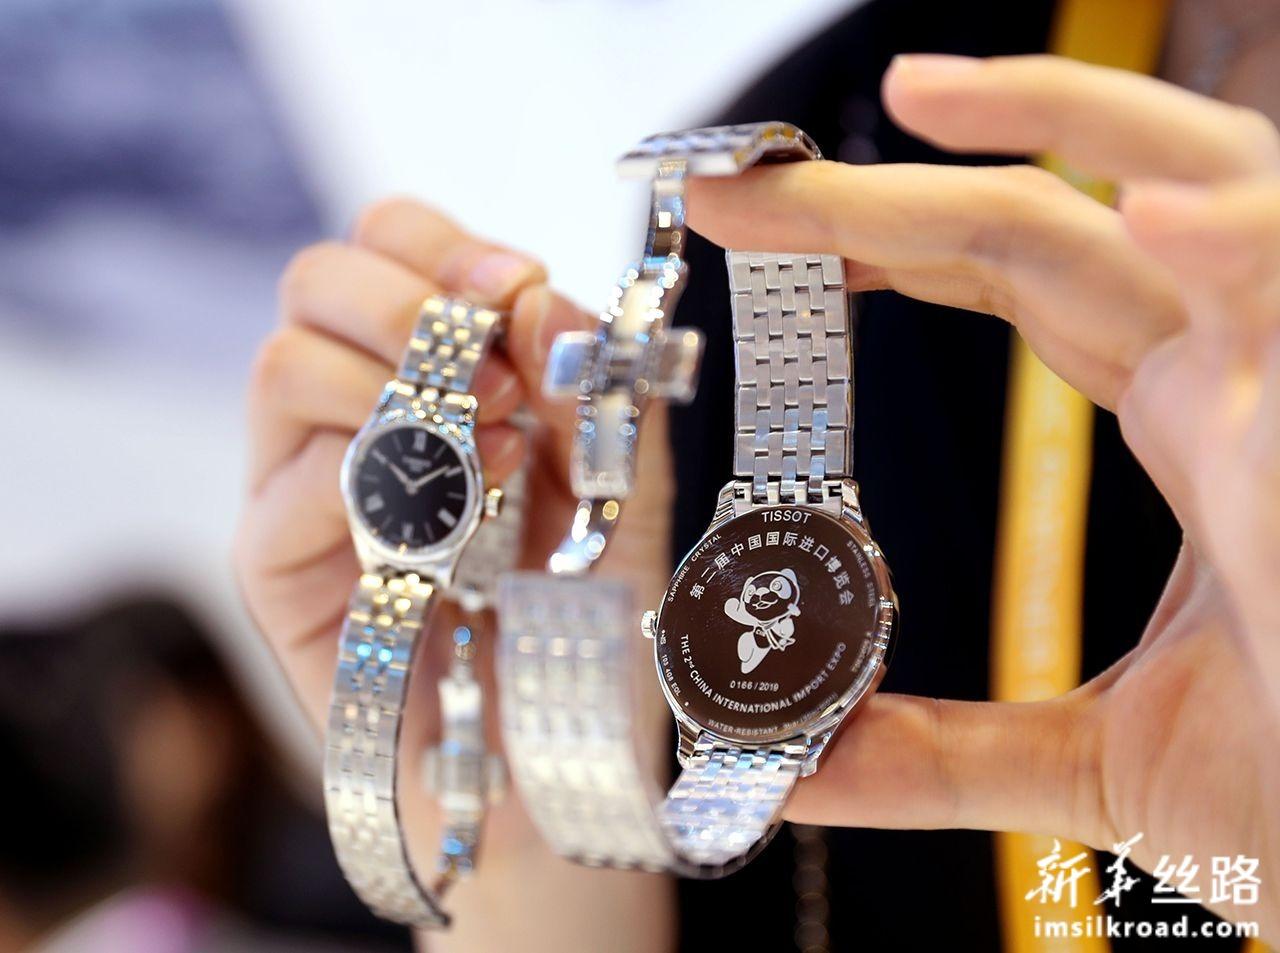 11月6日,在进博会品质生活展区,一家瑞士手表品牌的工作人员展示为第二届进博会打造的限量版腕表。新华社记者 刘颖 摄